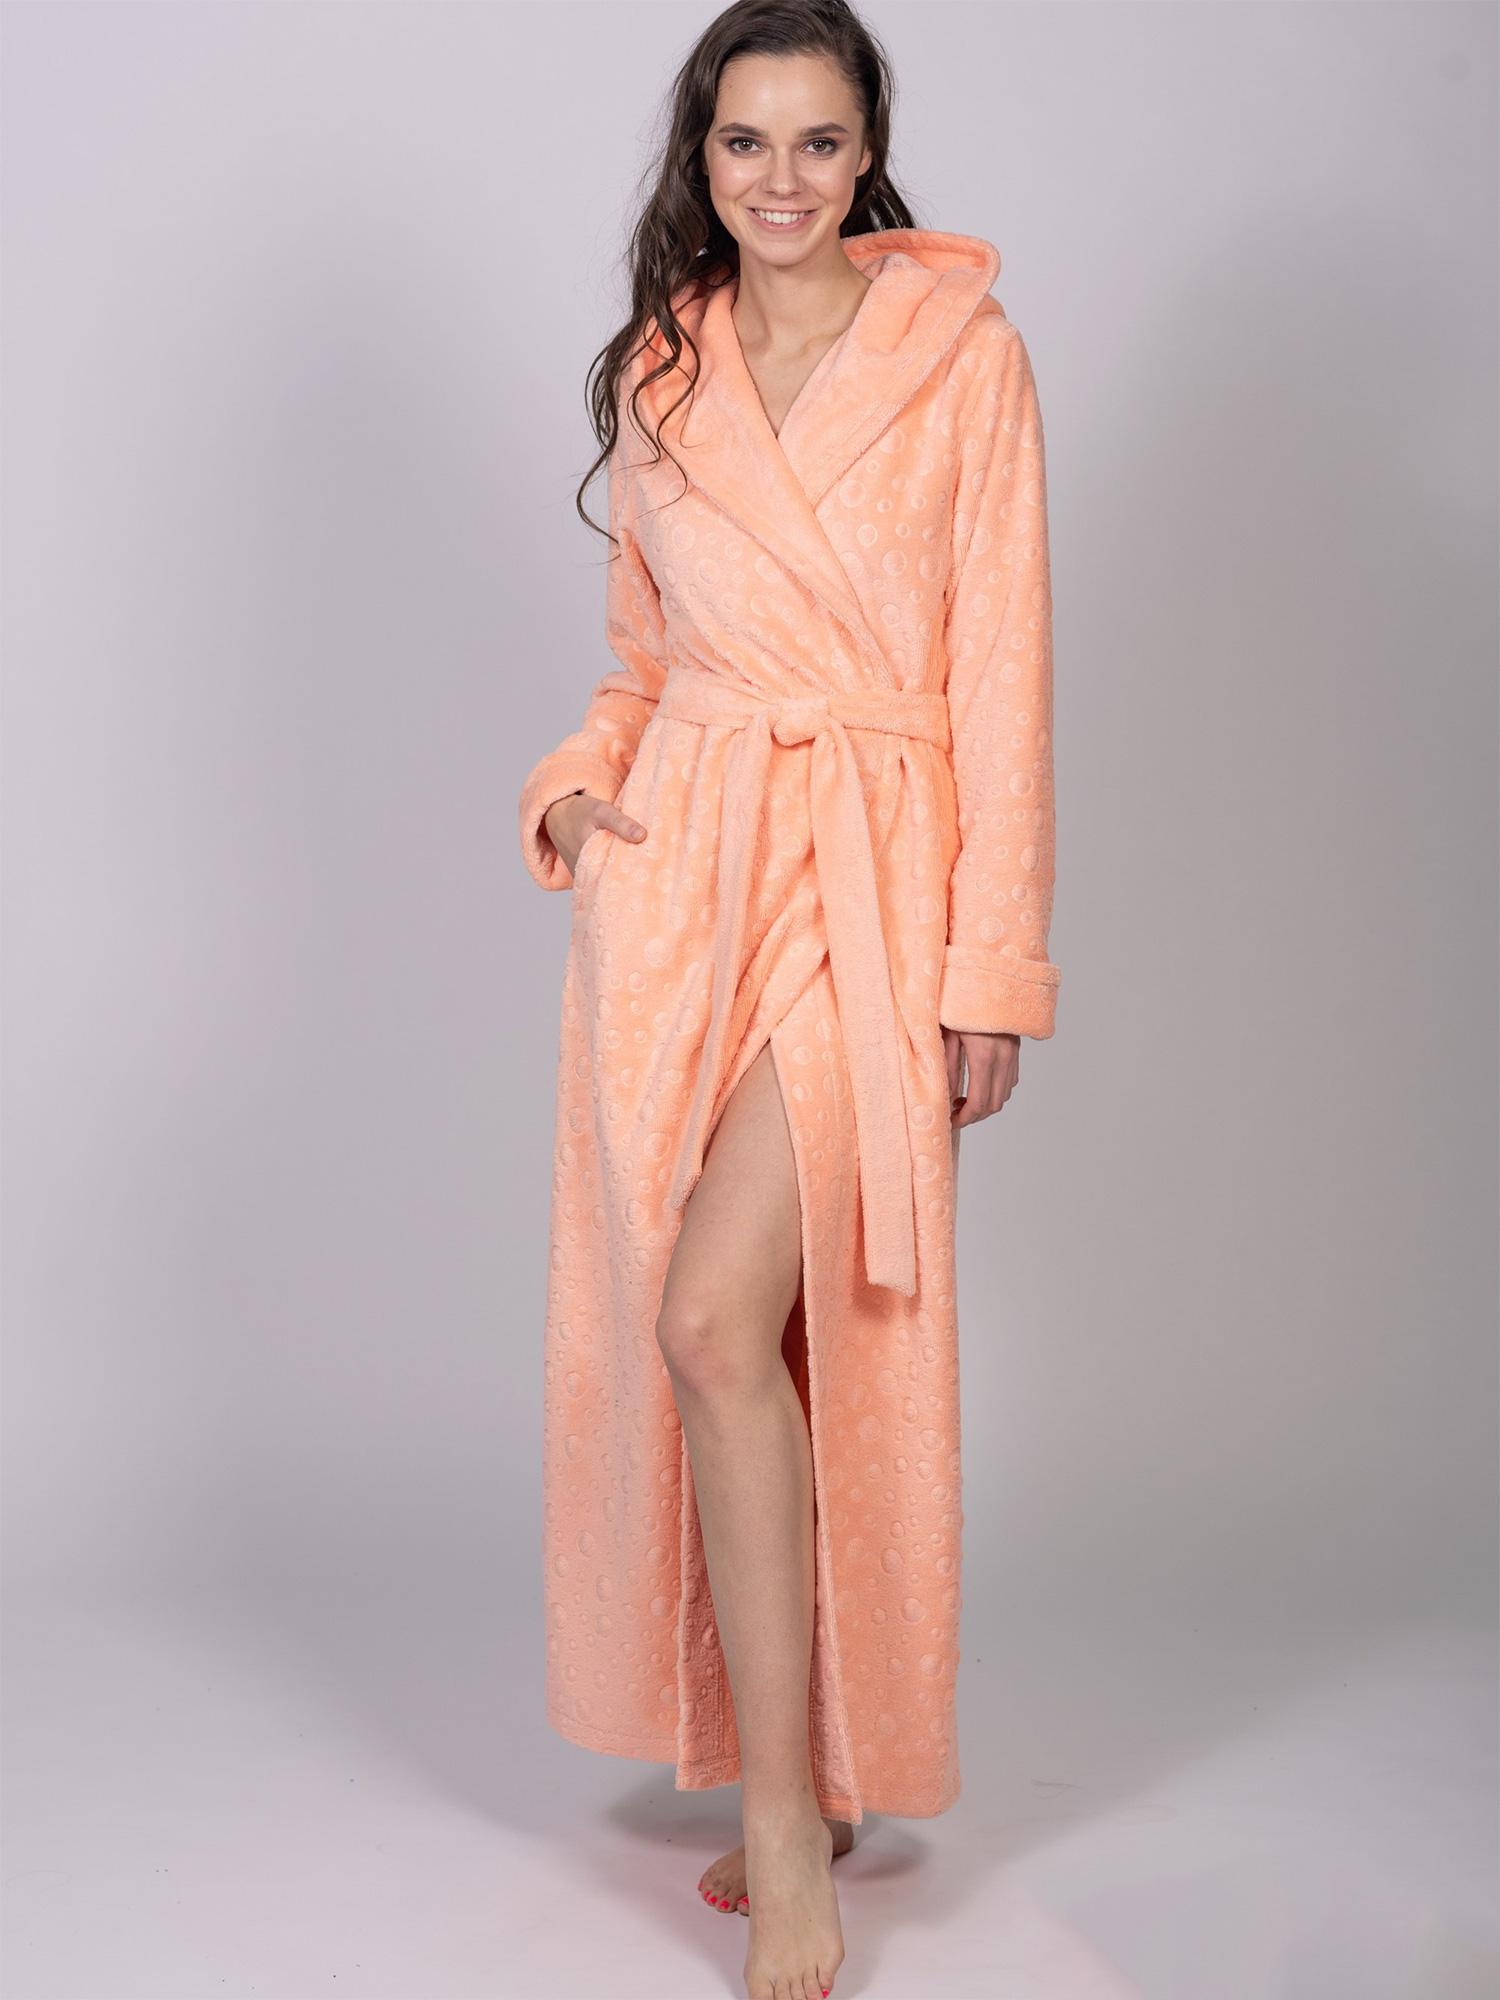 Длинный халат с капюшоном 1109 Delain персиковый Wien